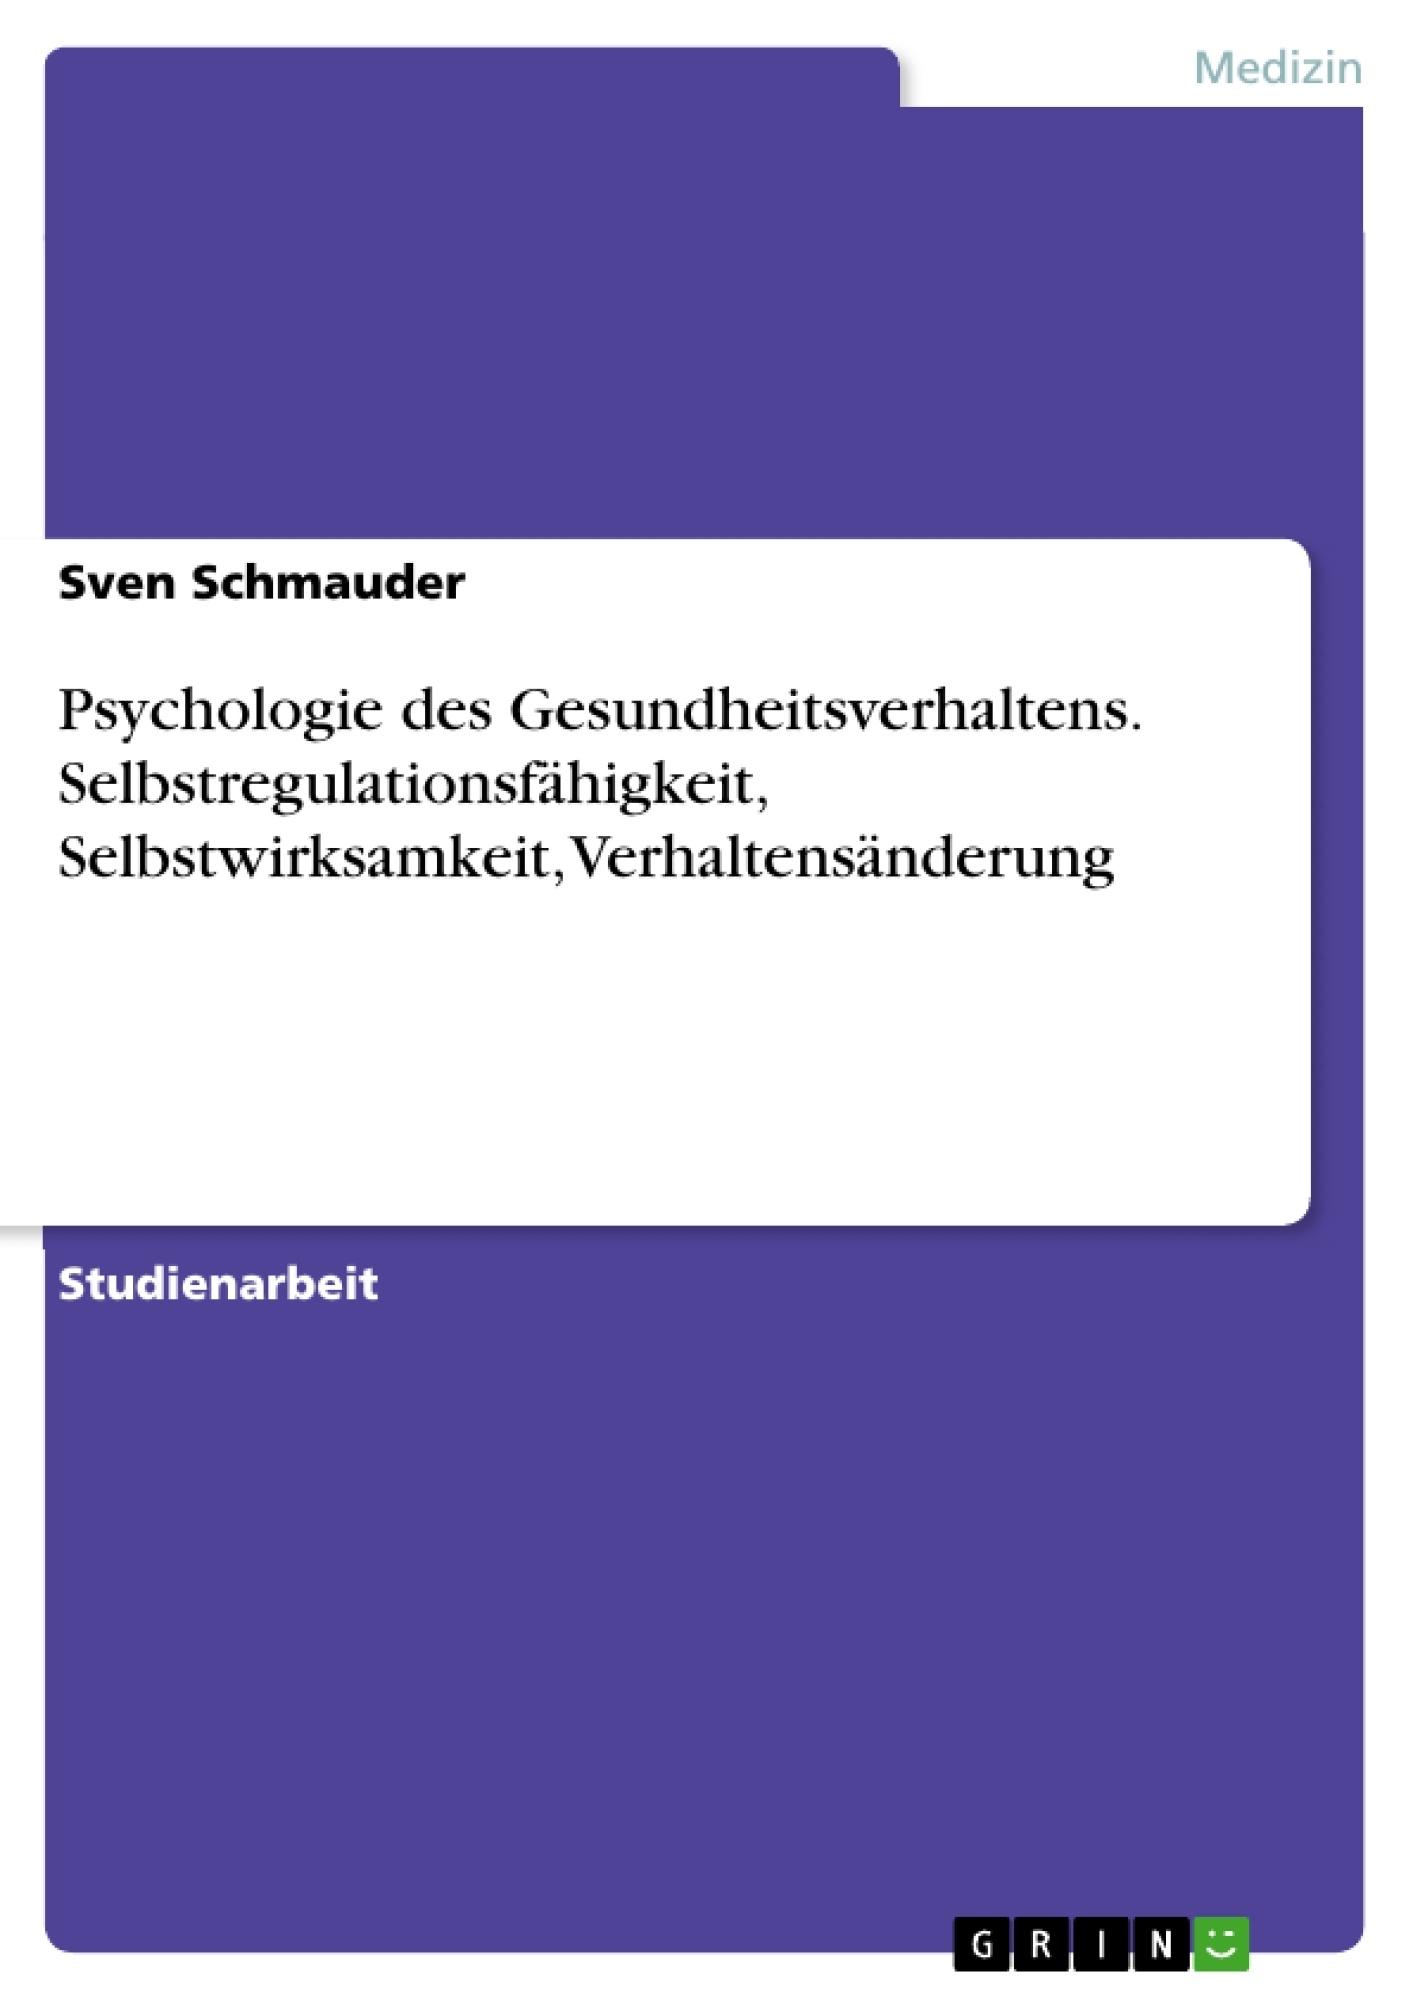 Titel: Psychologie des Gesundheitsverhaltens. Selbstregulationsfähigkeit, Selbstwirksamkeit, Verhaltensänderung